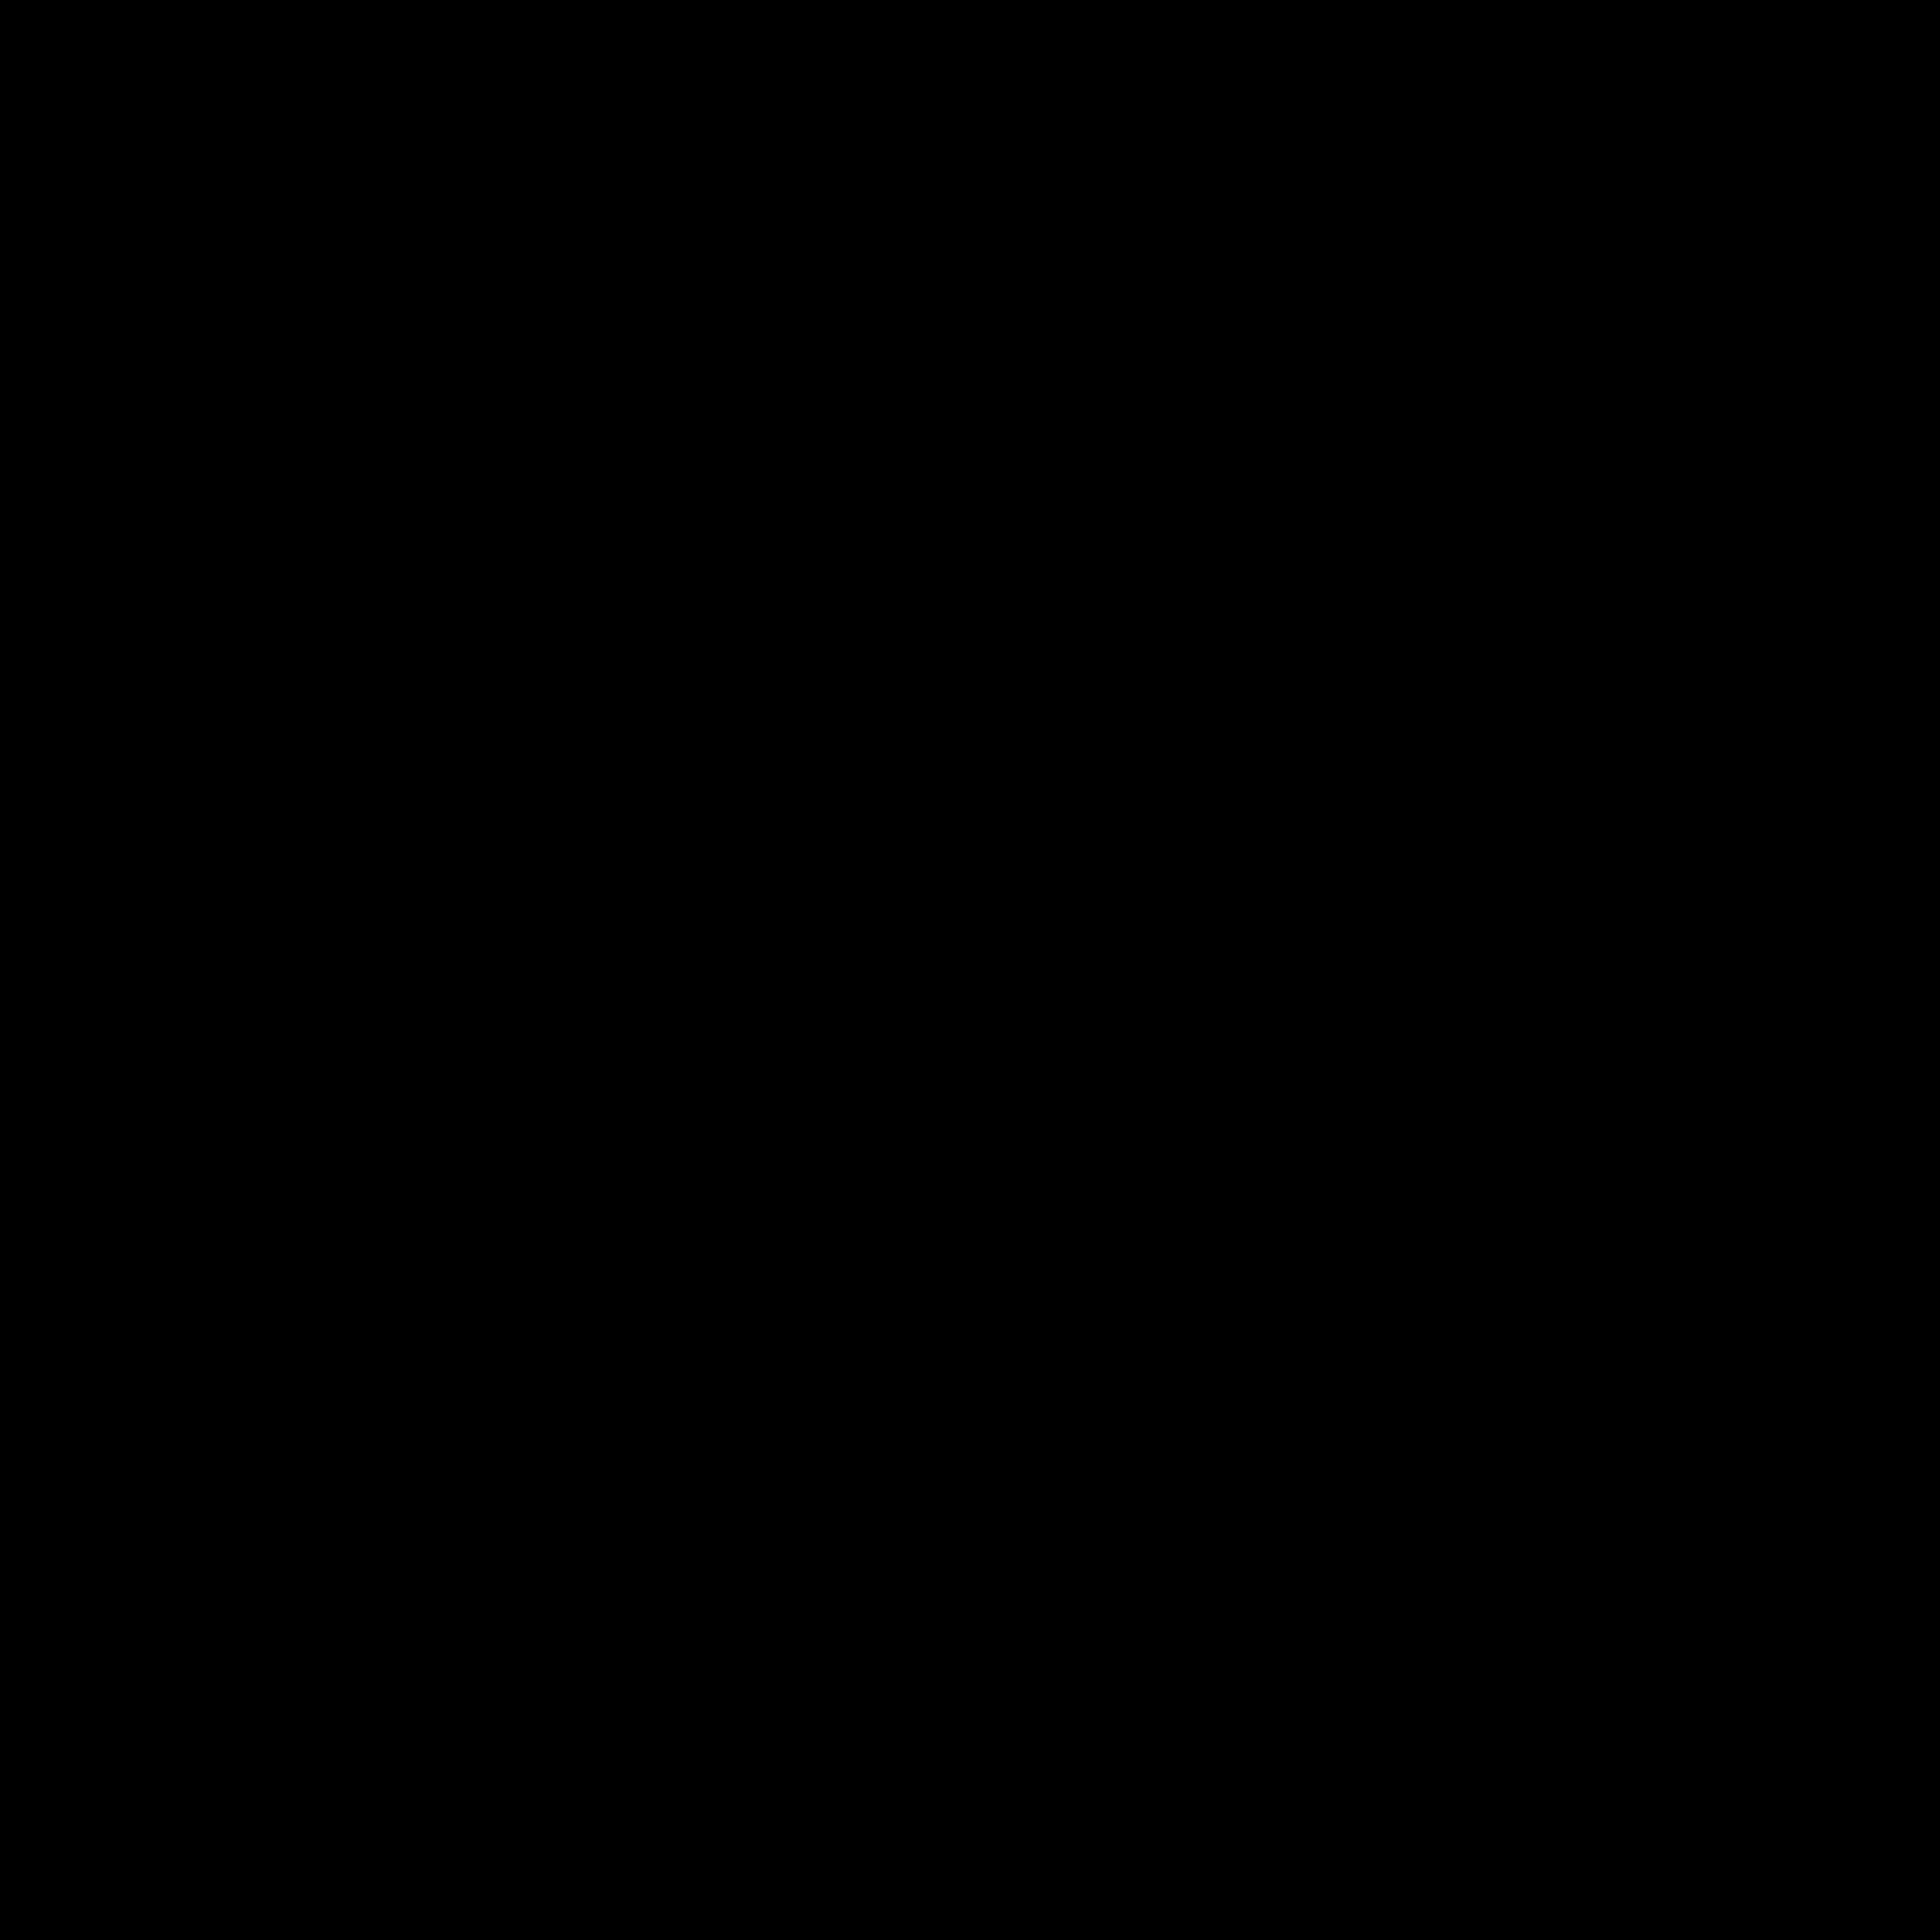 Volkswagen Logo PNG Transparent